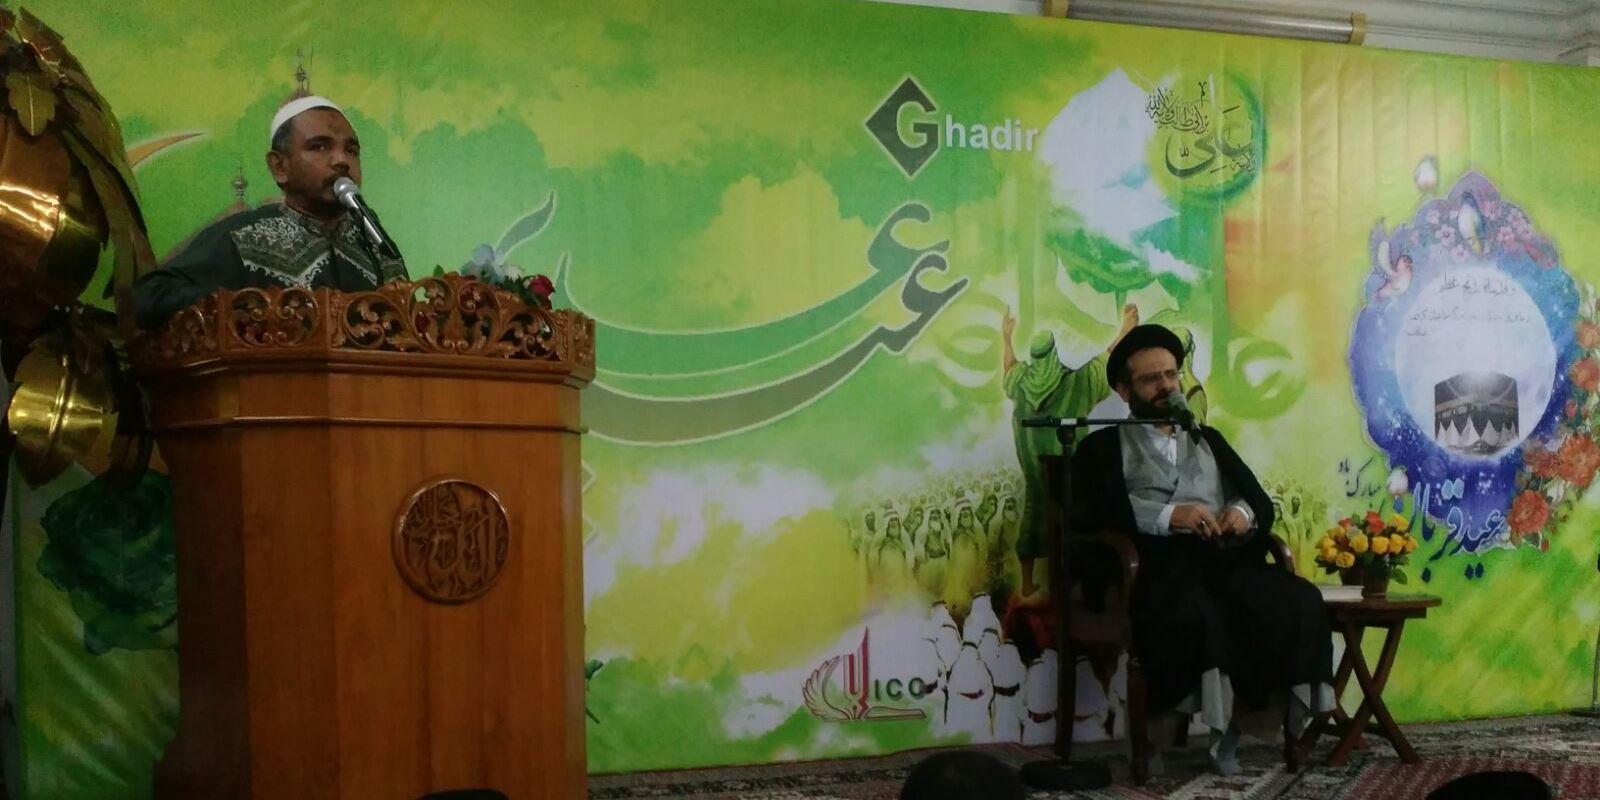 Al-Ghadir : Hari Istimewa dan Bersejarah Dalam Islam